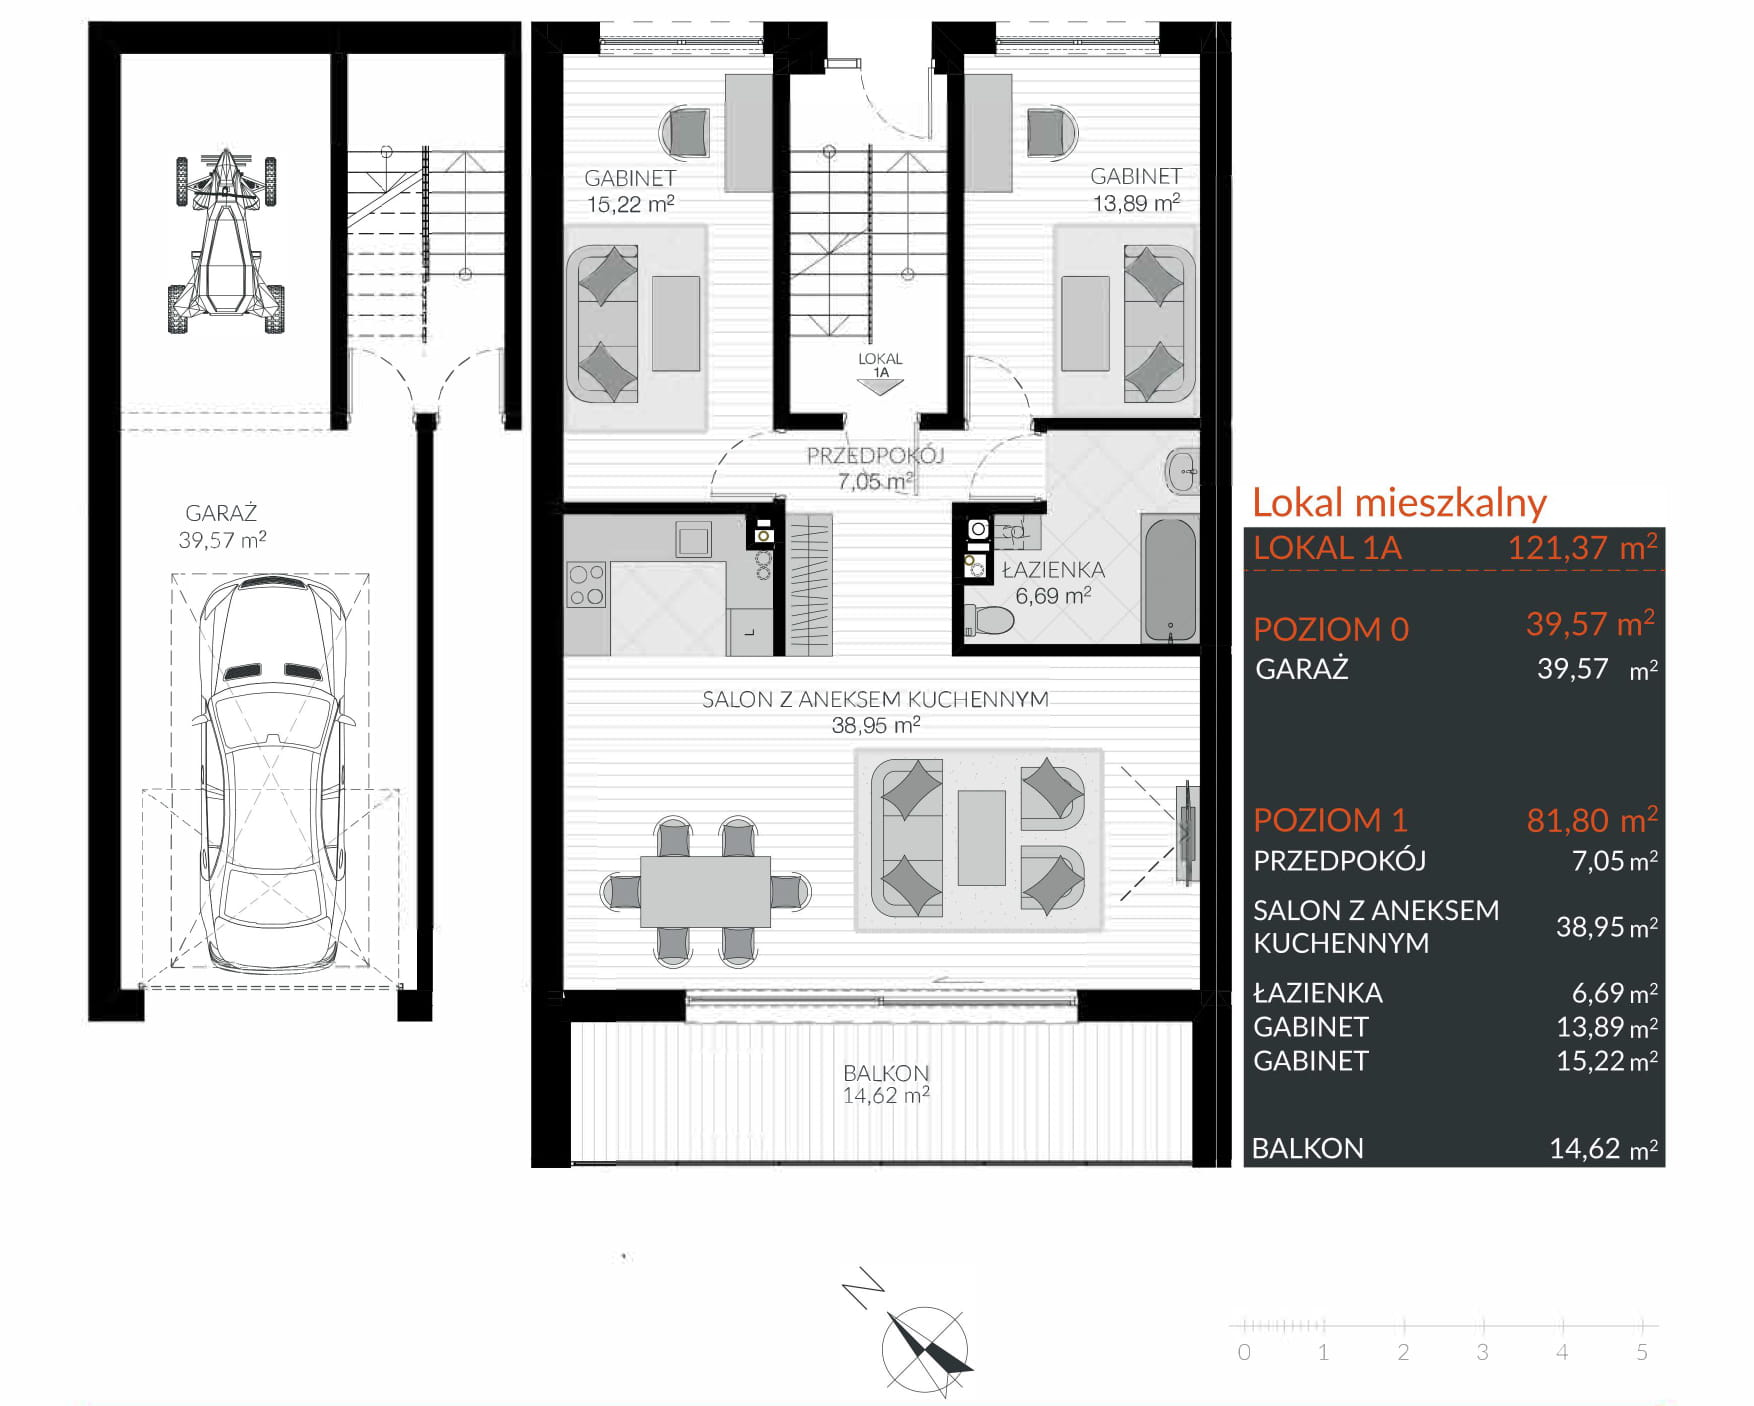 Apartamenty Kamienna / apartamenty inwestycyjne 1A rzut 1